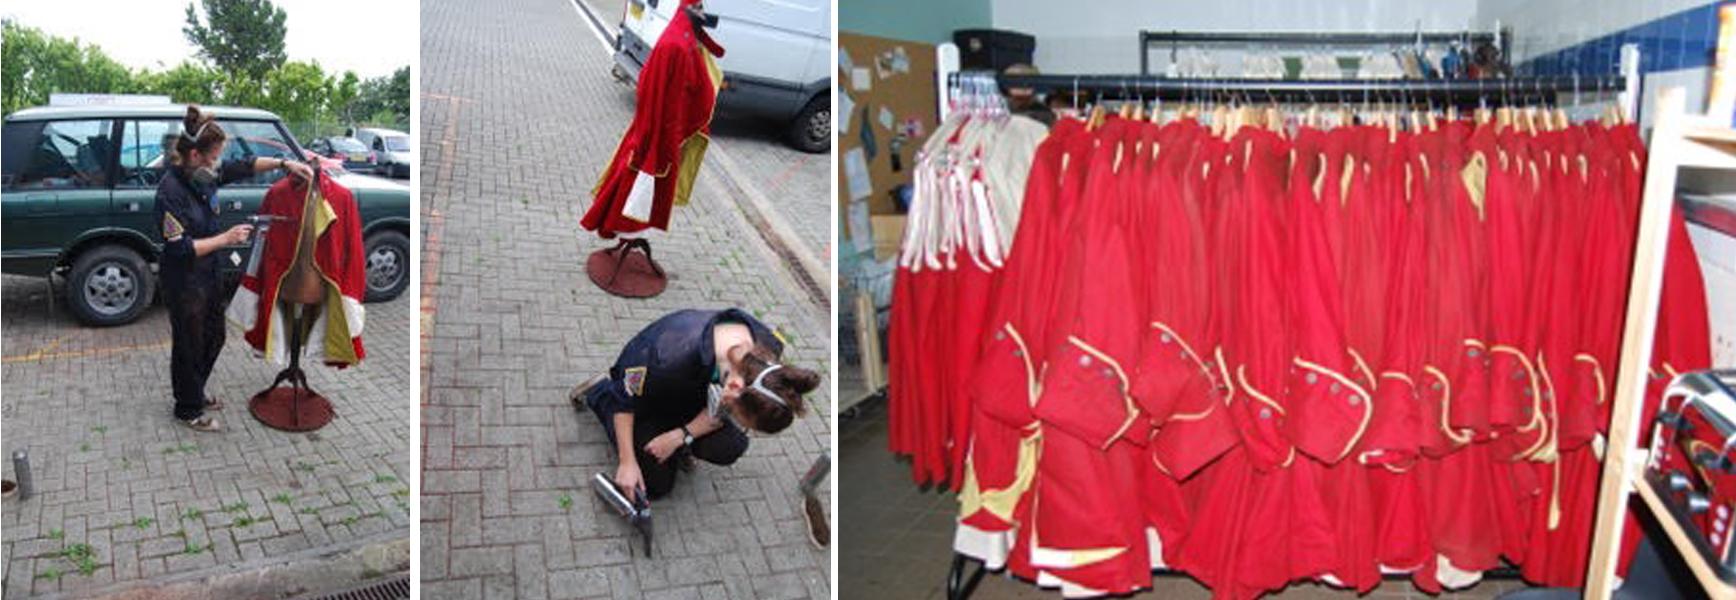 S2 BTS Costumes